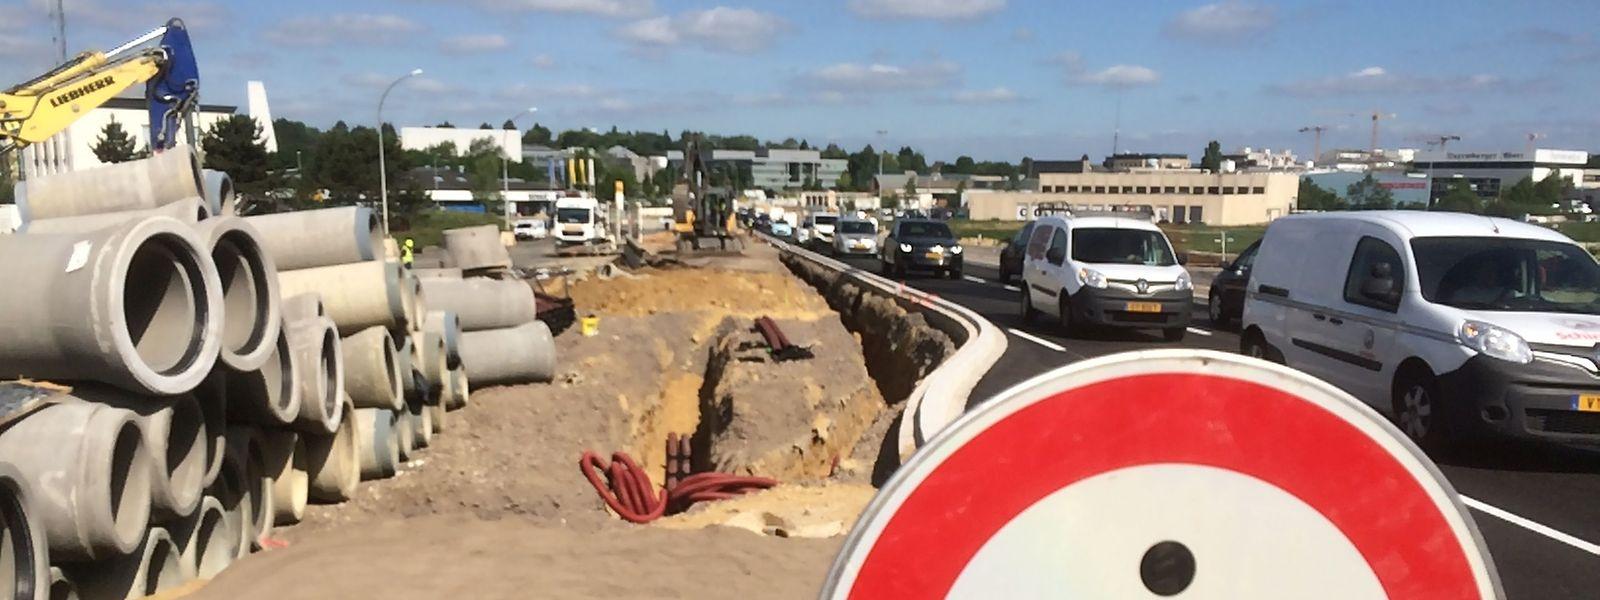 Wer von Gasperich über den neuen Boulevard Raiffeisen will, muss starke Nerven haben: Ob im Stau oder auf dem Rad. Zu Fuß ist es derzeit noch eine Sache der Unmöglichkeit.